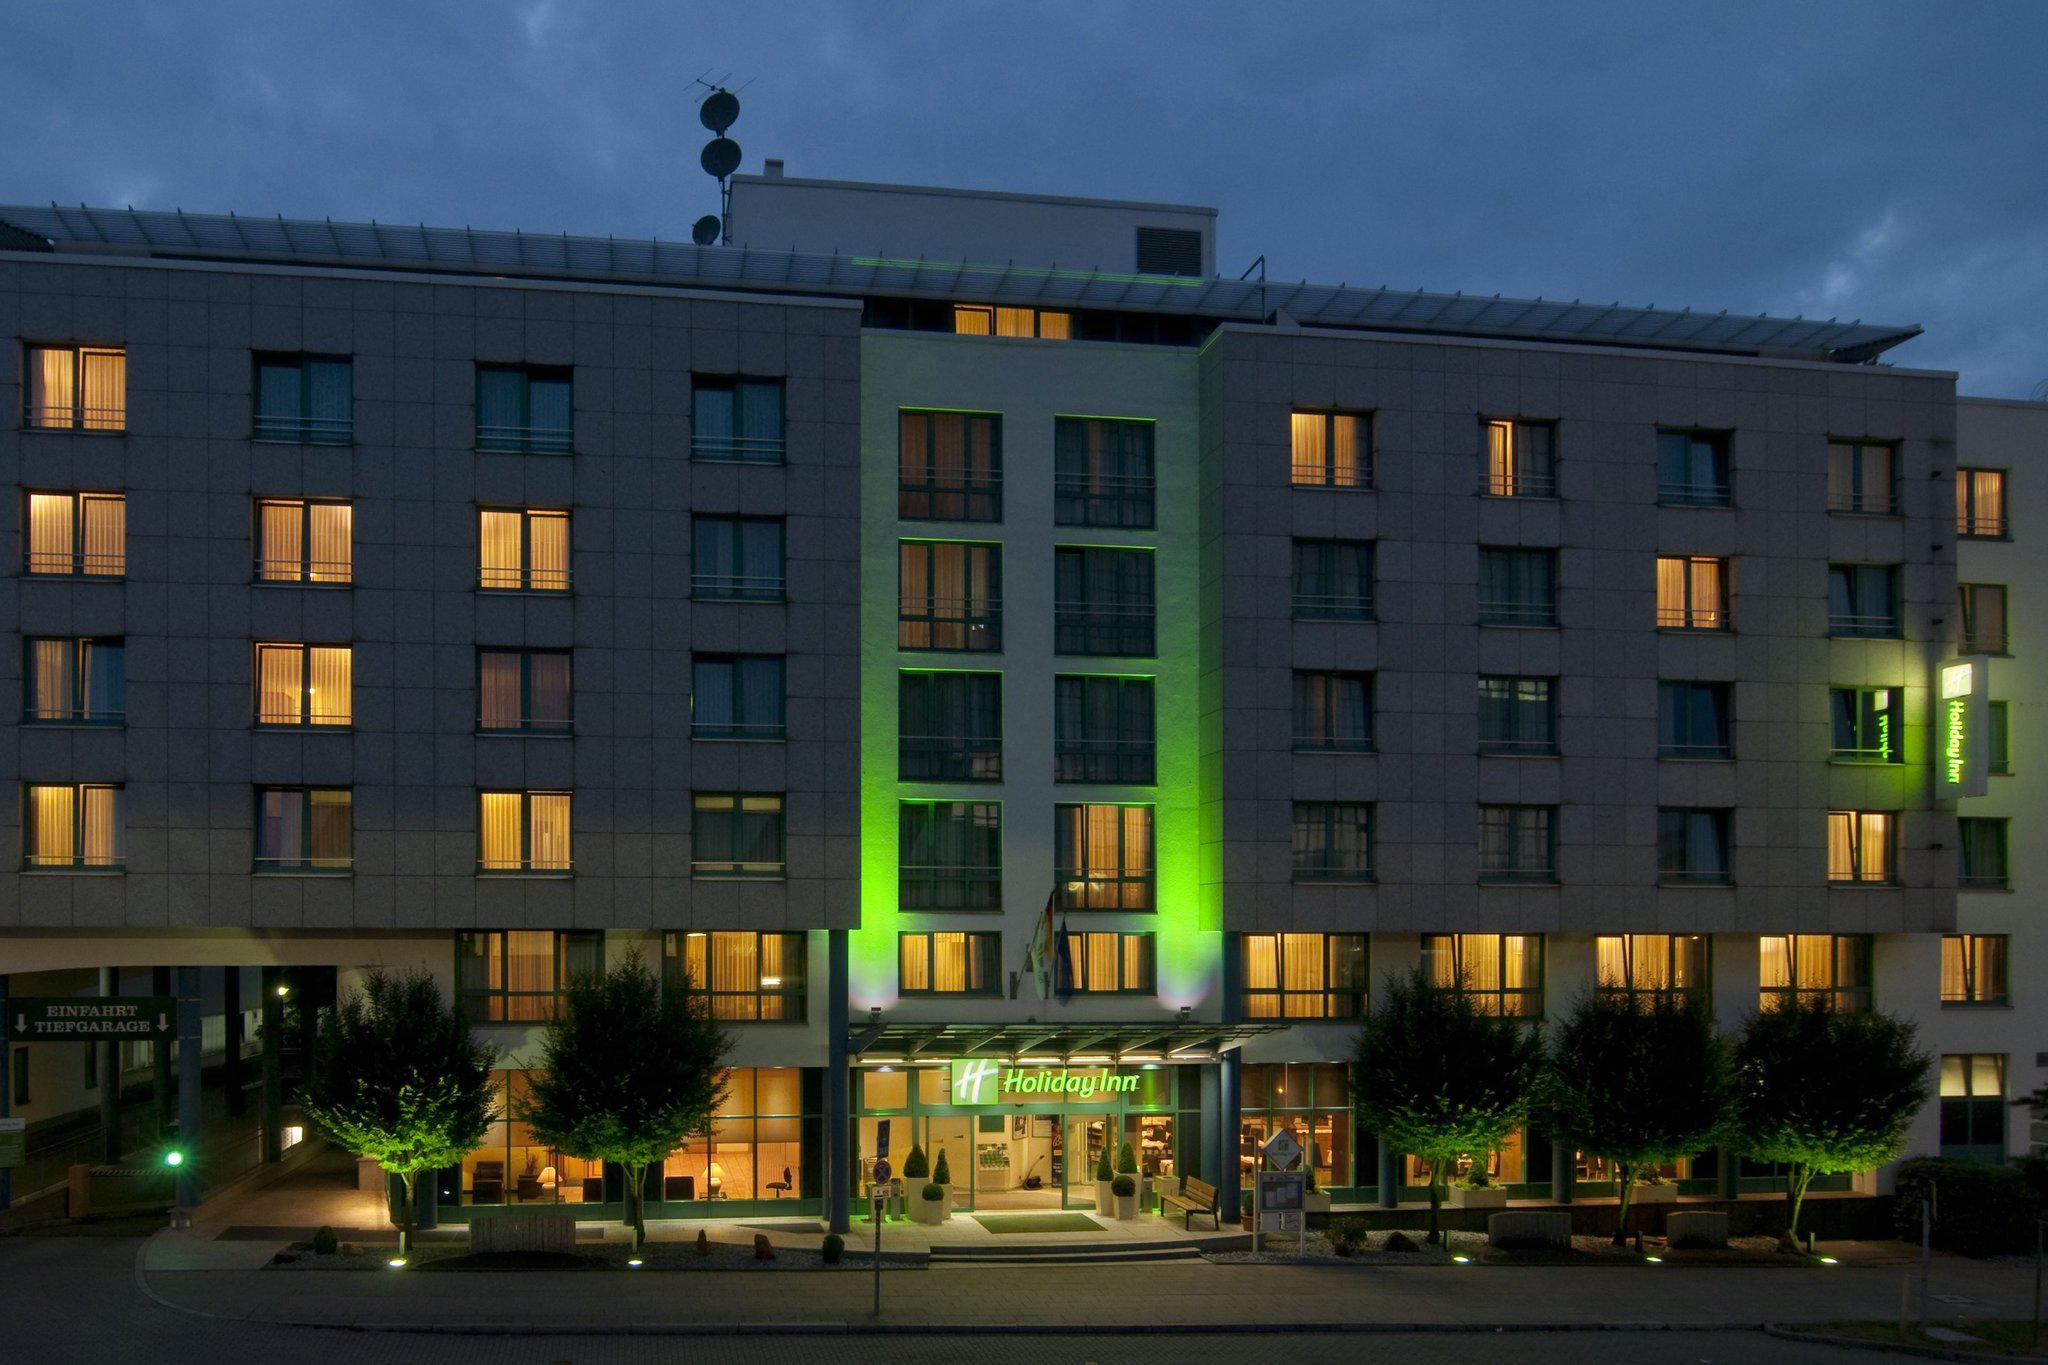 Holiday Inn Essen - City Centre, an IHG Hotel, Frohnhauser Strasse 6 in Essen